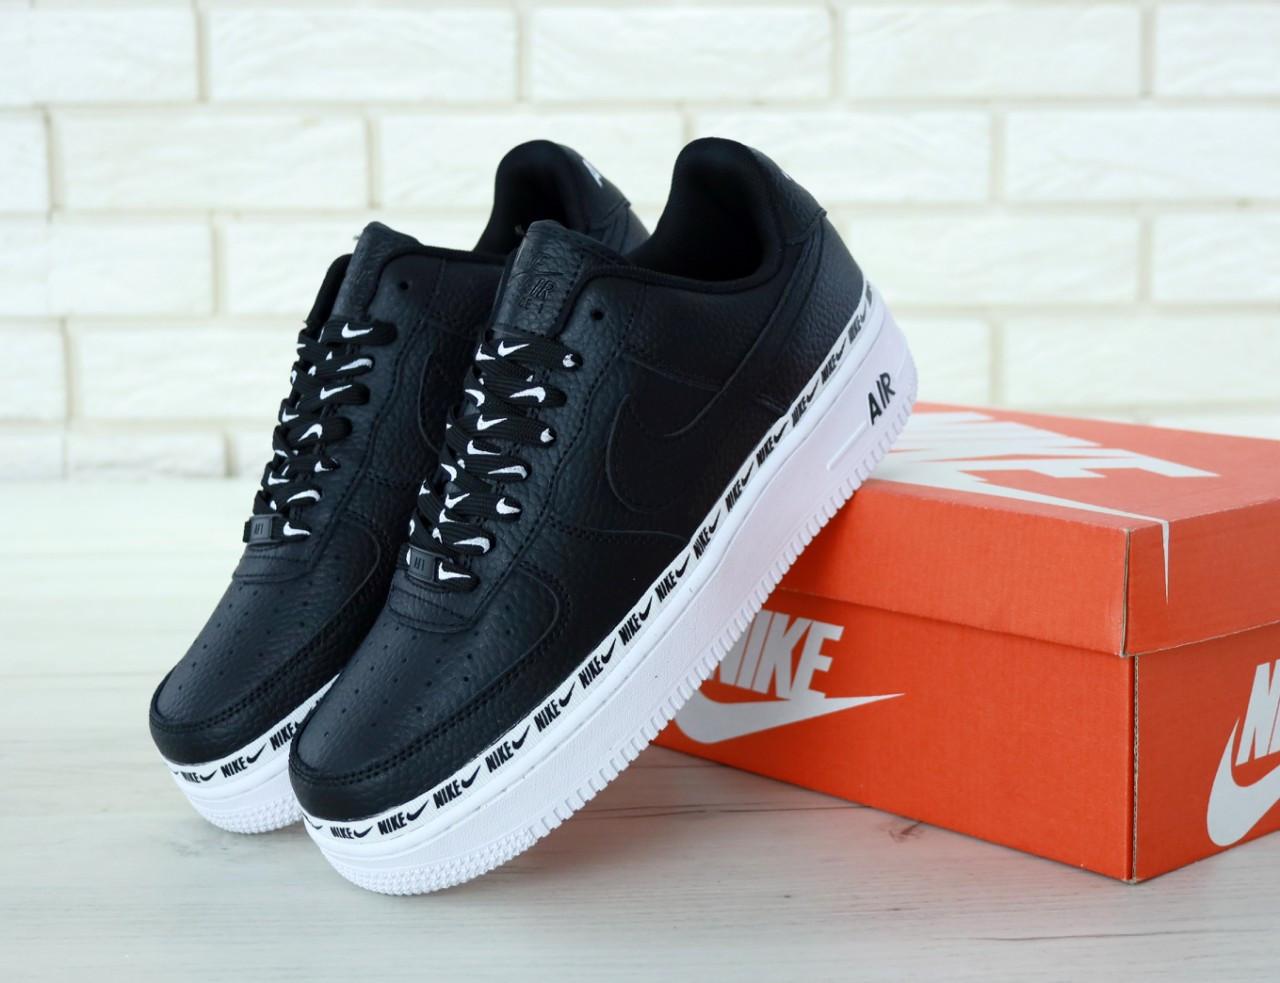 Мужские кроссовки Nike Air Force 1 '07 SE Premium (Черно-белые)